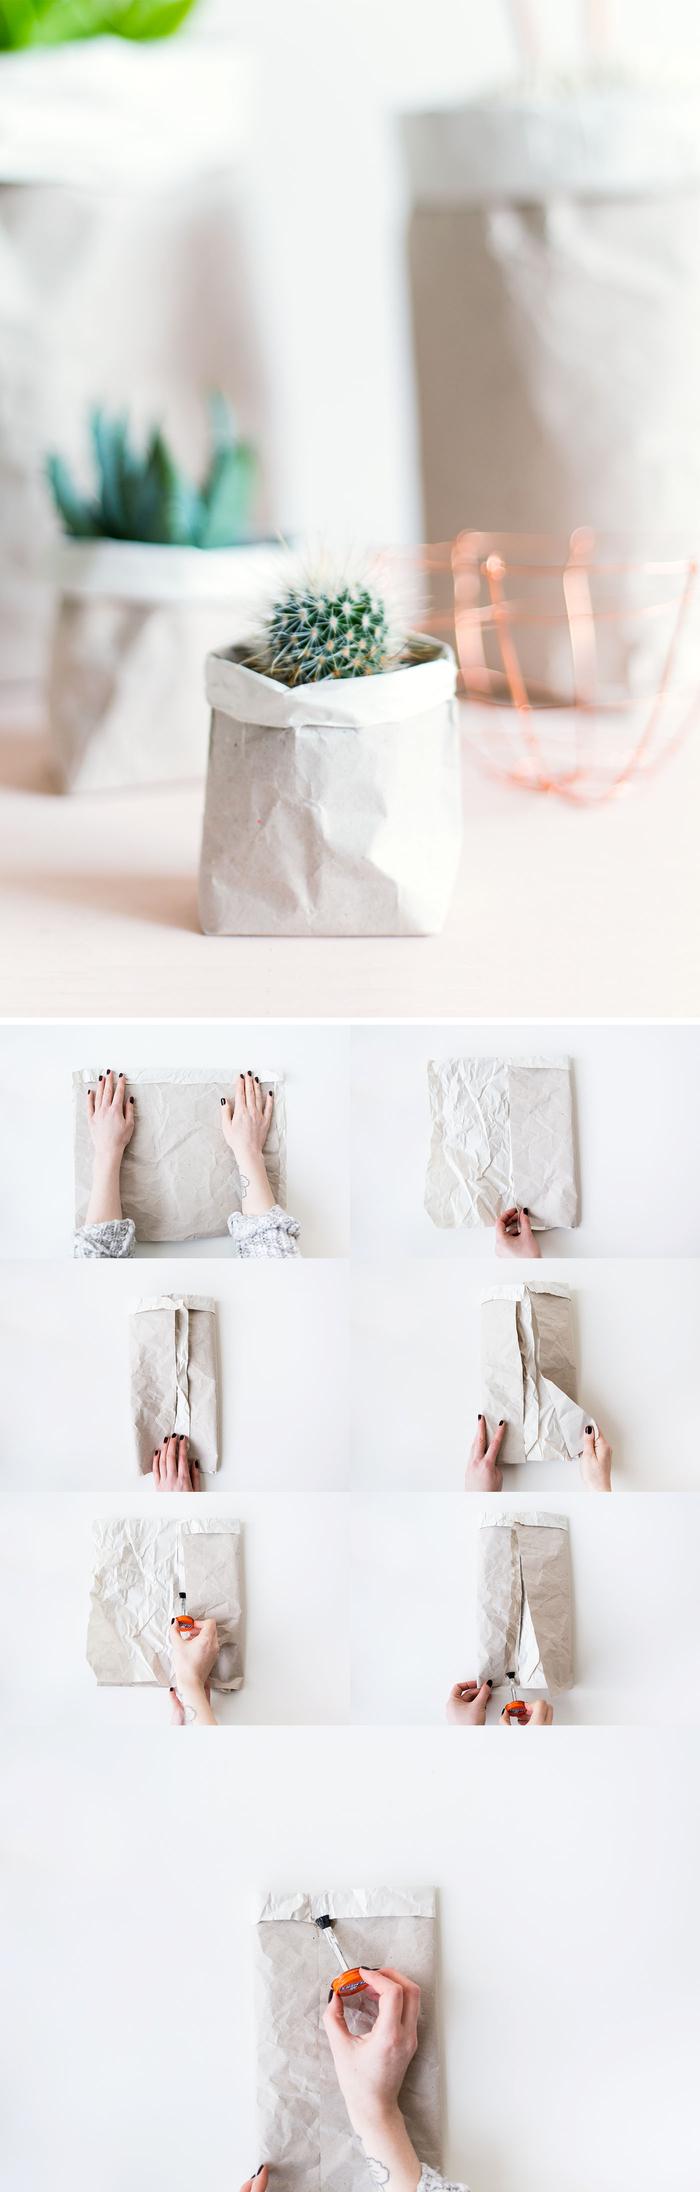 les étapes de pliage facile pour réaliser un cache-pot ou un pot de fleur en papier kraft, activite fete des mères pour réaliser un joli emballage cadeau personnalisé